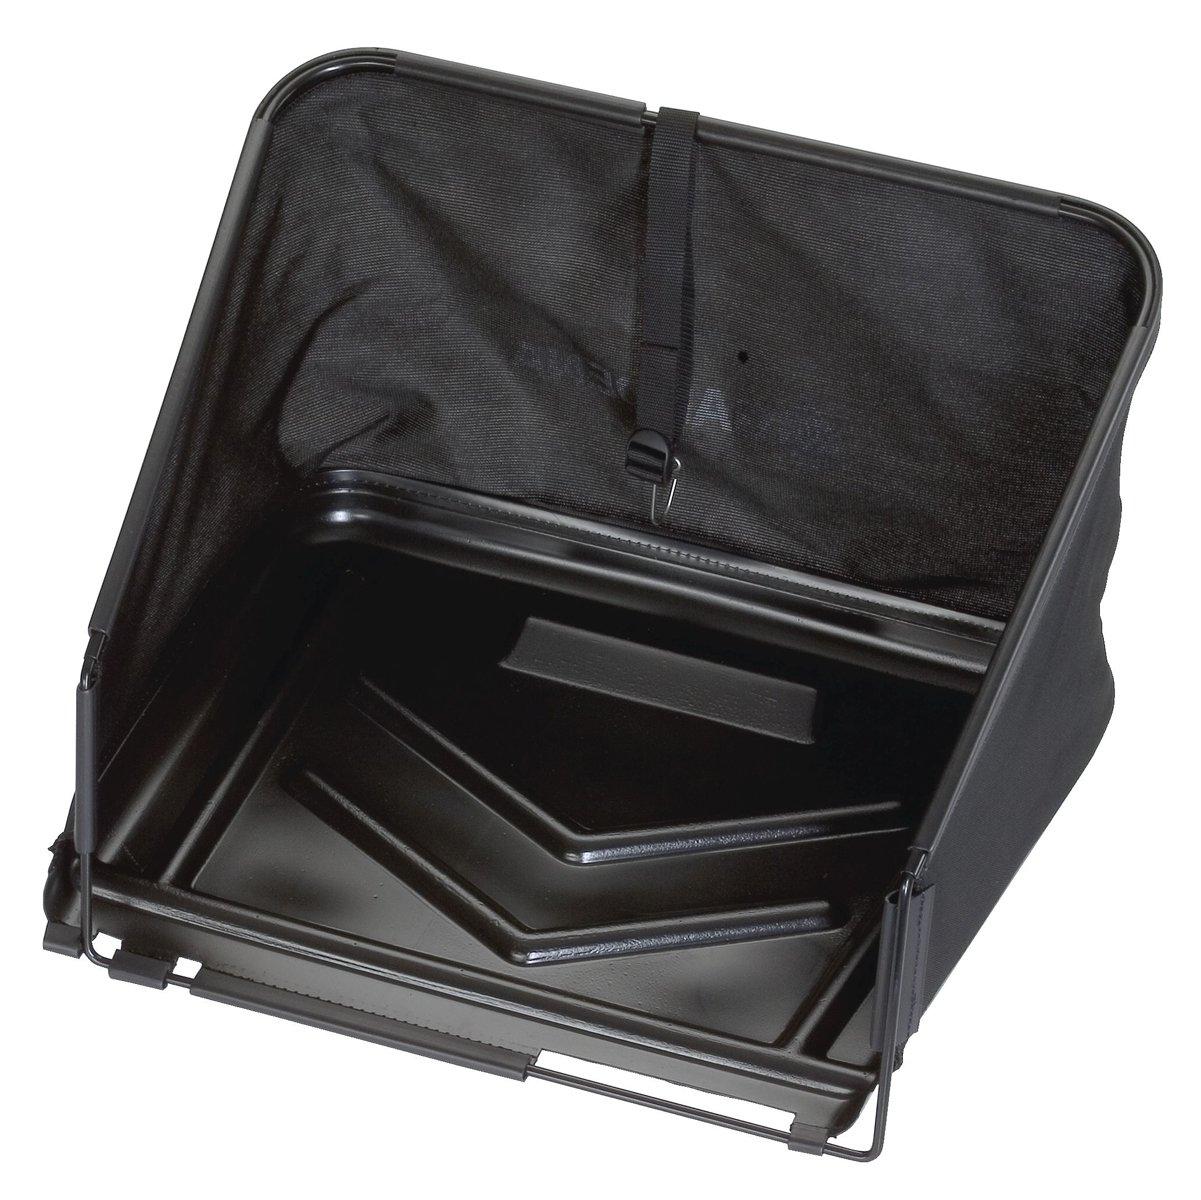 Cesta de recogida de césped GARDENA: caja de recogida apta para todos los cortacéspedes helicoidales GARDENA (por ej. 330, 400, 400 C, 380 EC), capacidad 35-49 l (4029-20) 04029-20 011047